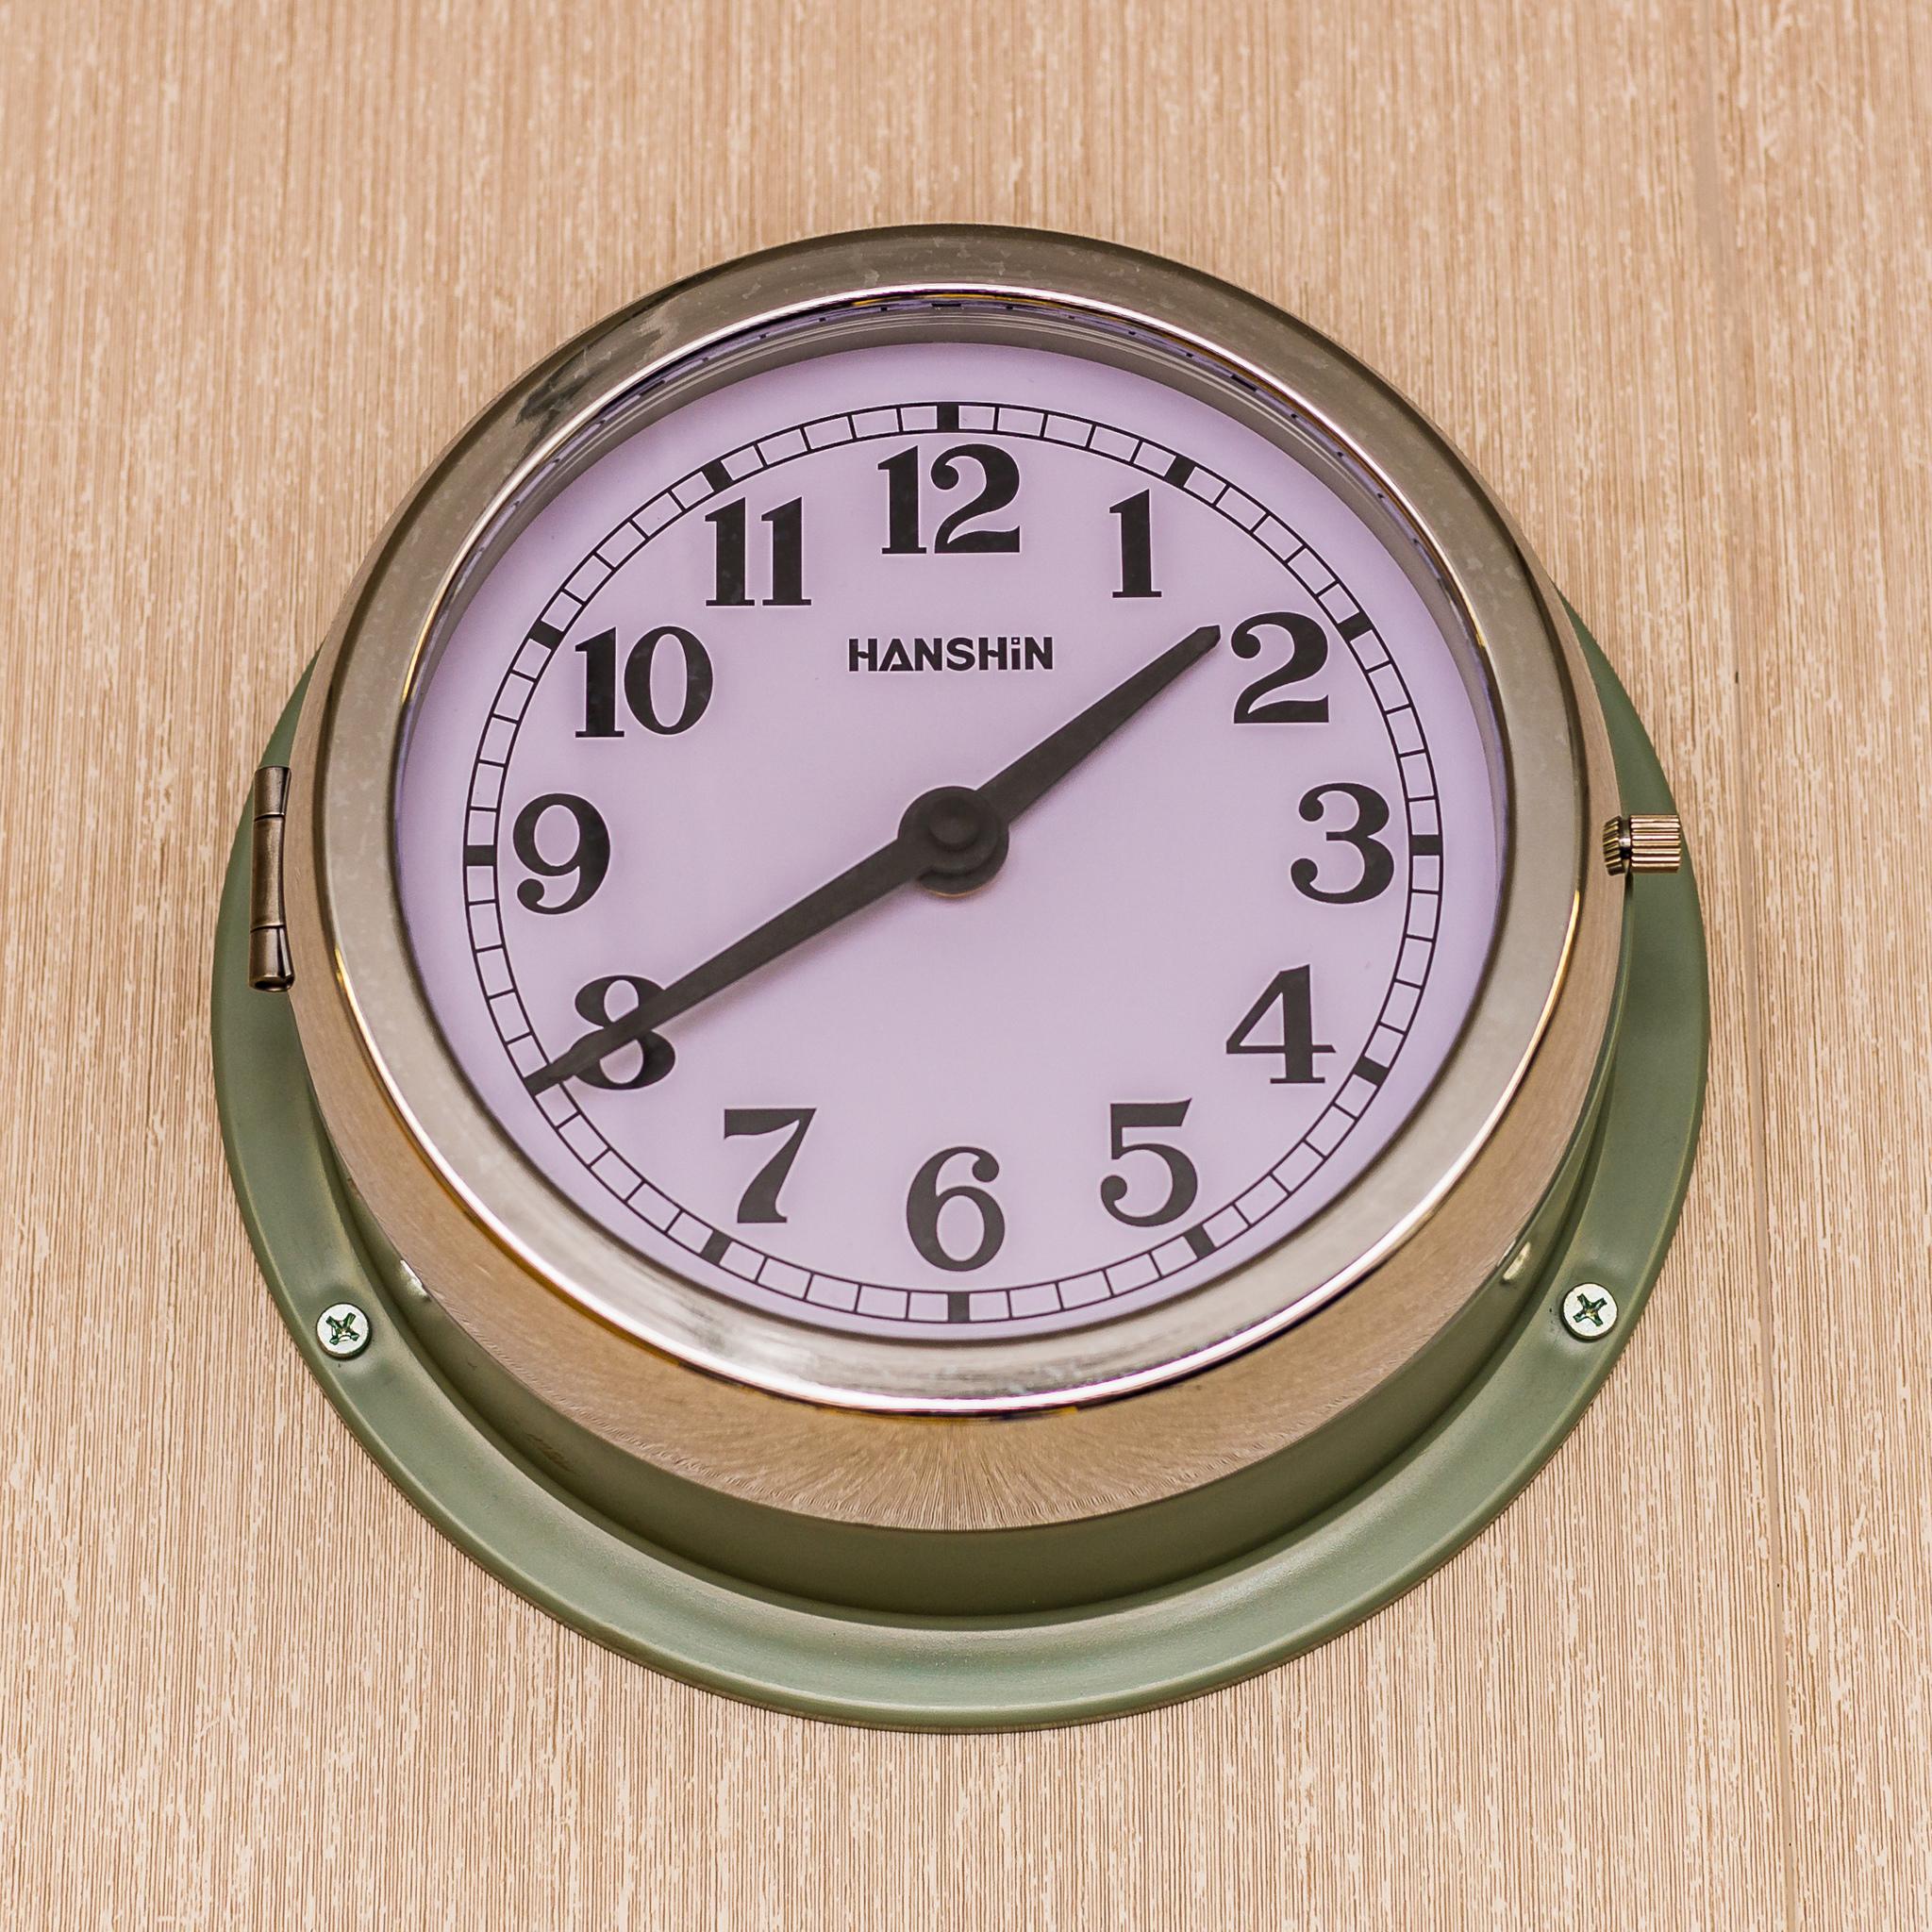 Detal kajuty. Zegary są obecne w niemal każdym pomieszczeniu na pokładzie (fot. Robert Urbaniak)